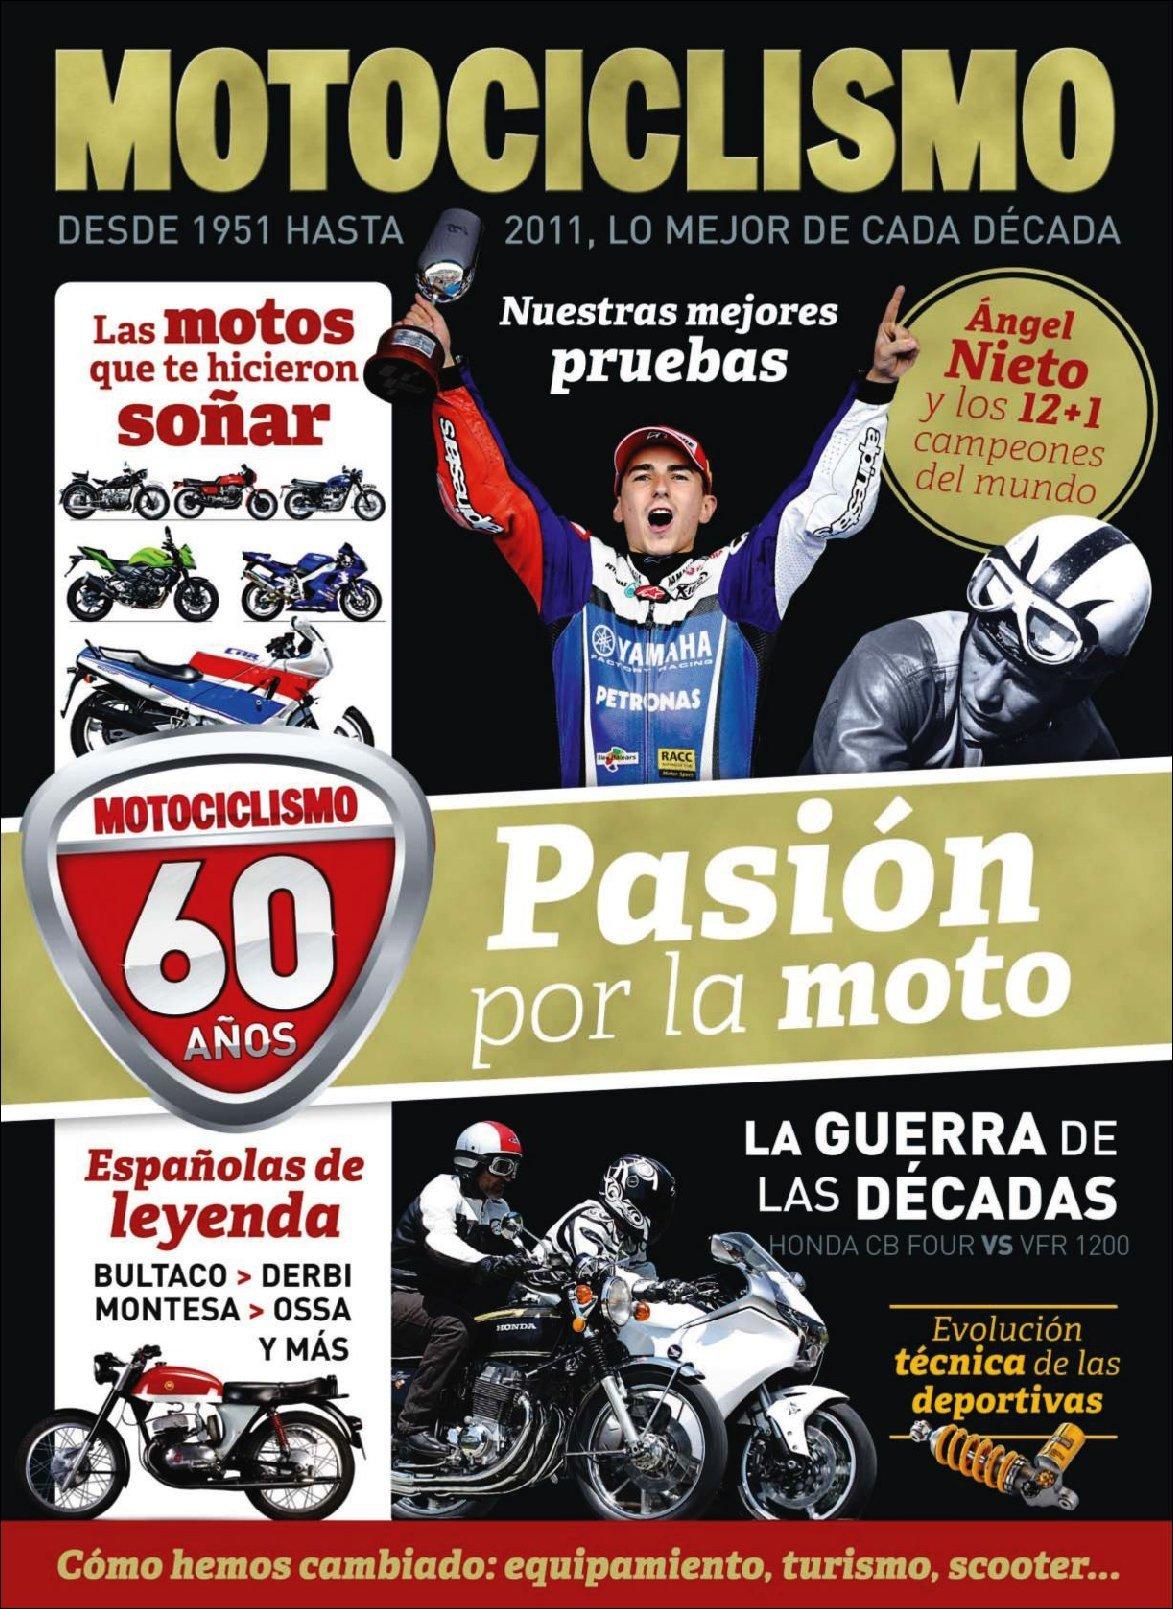 Motociclismo Especial 60 aniversario Digital